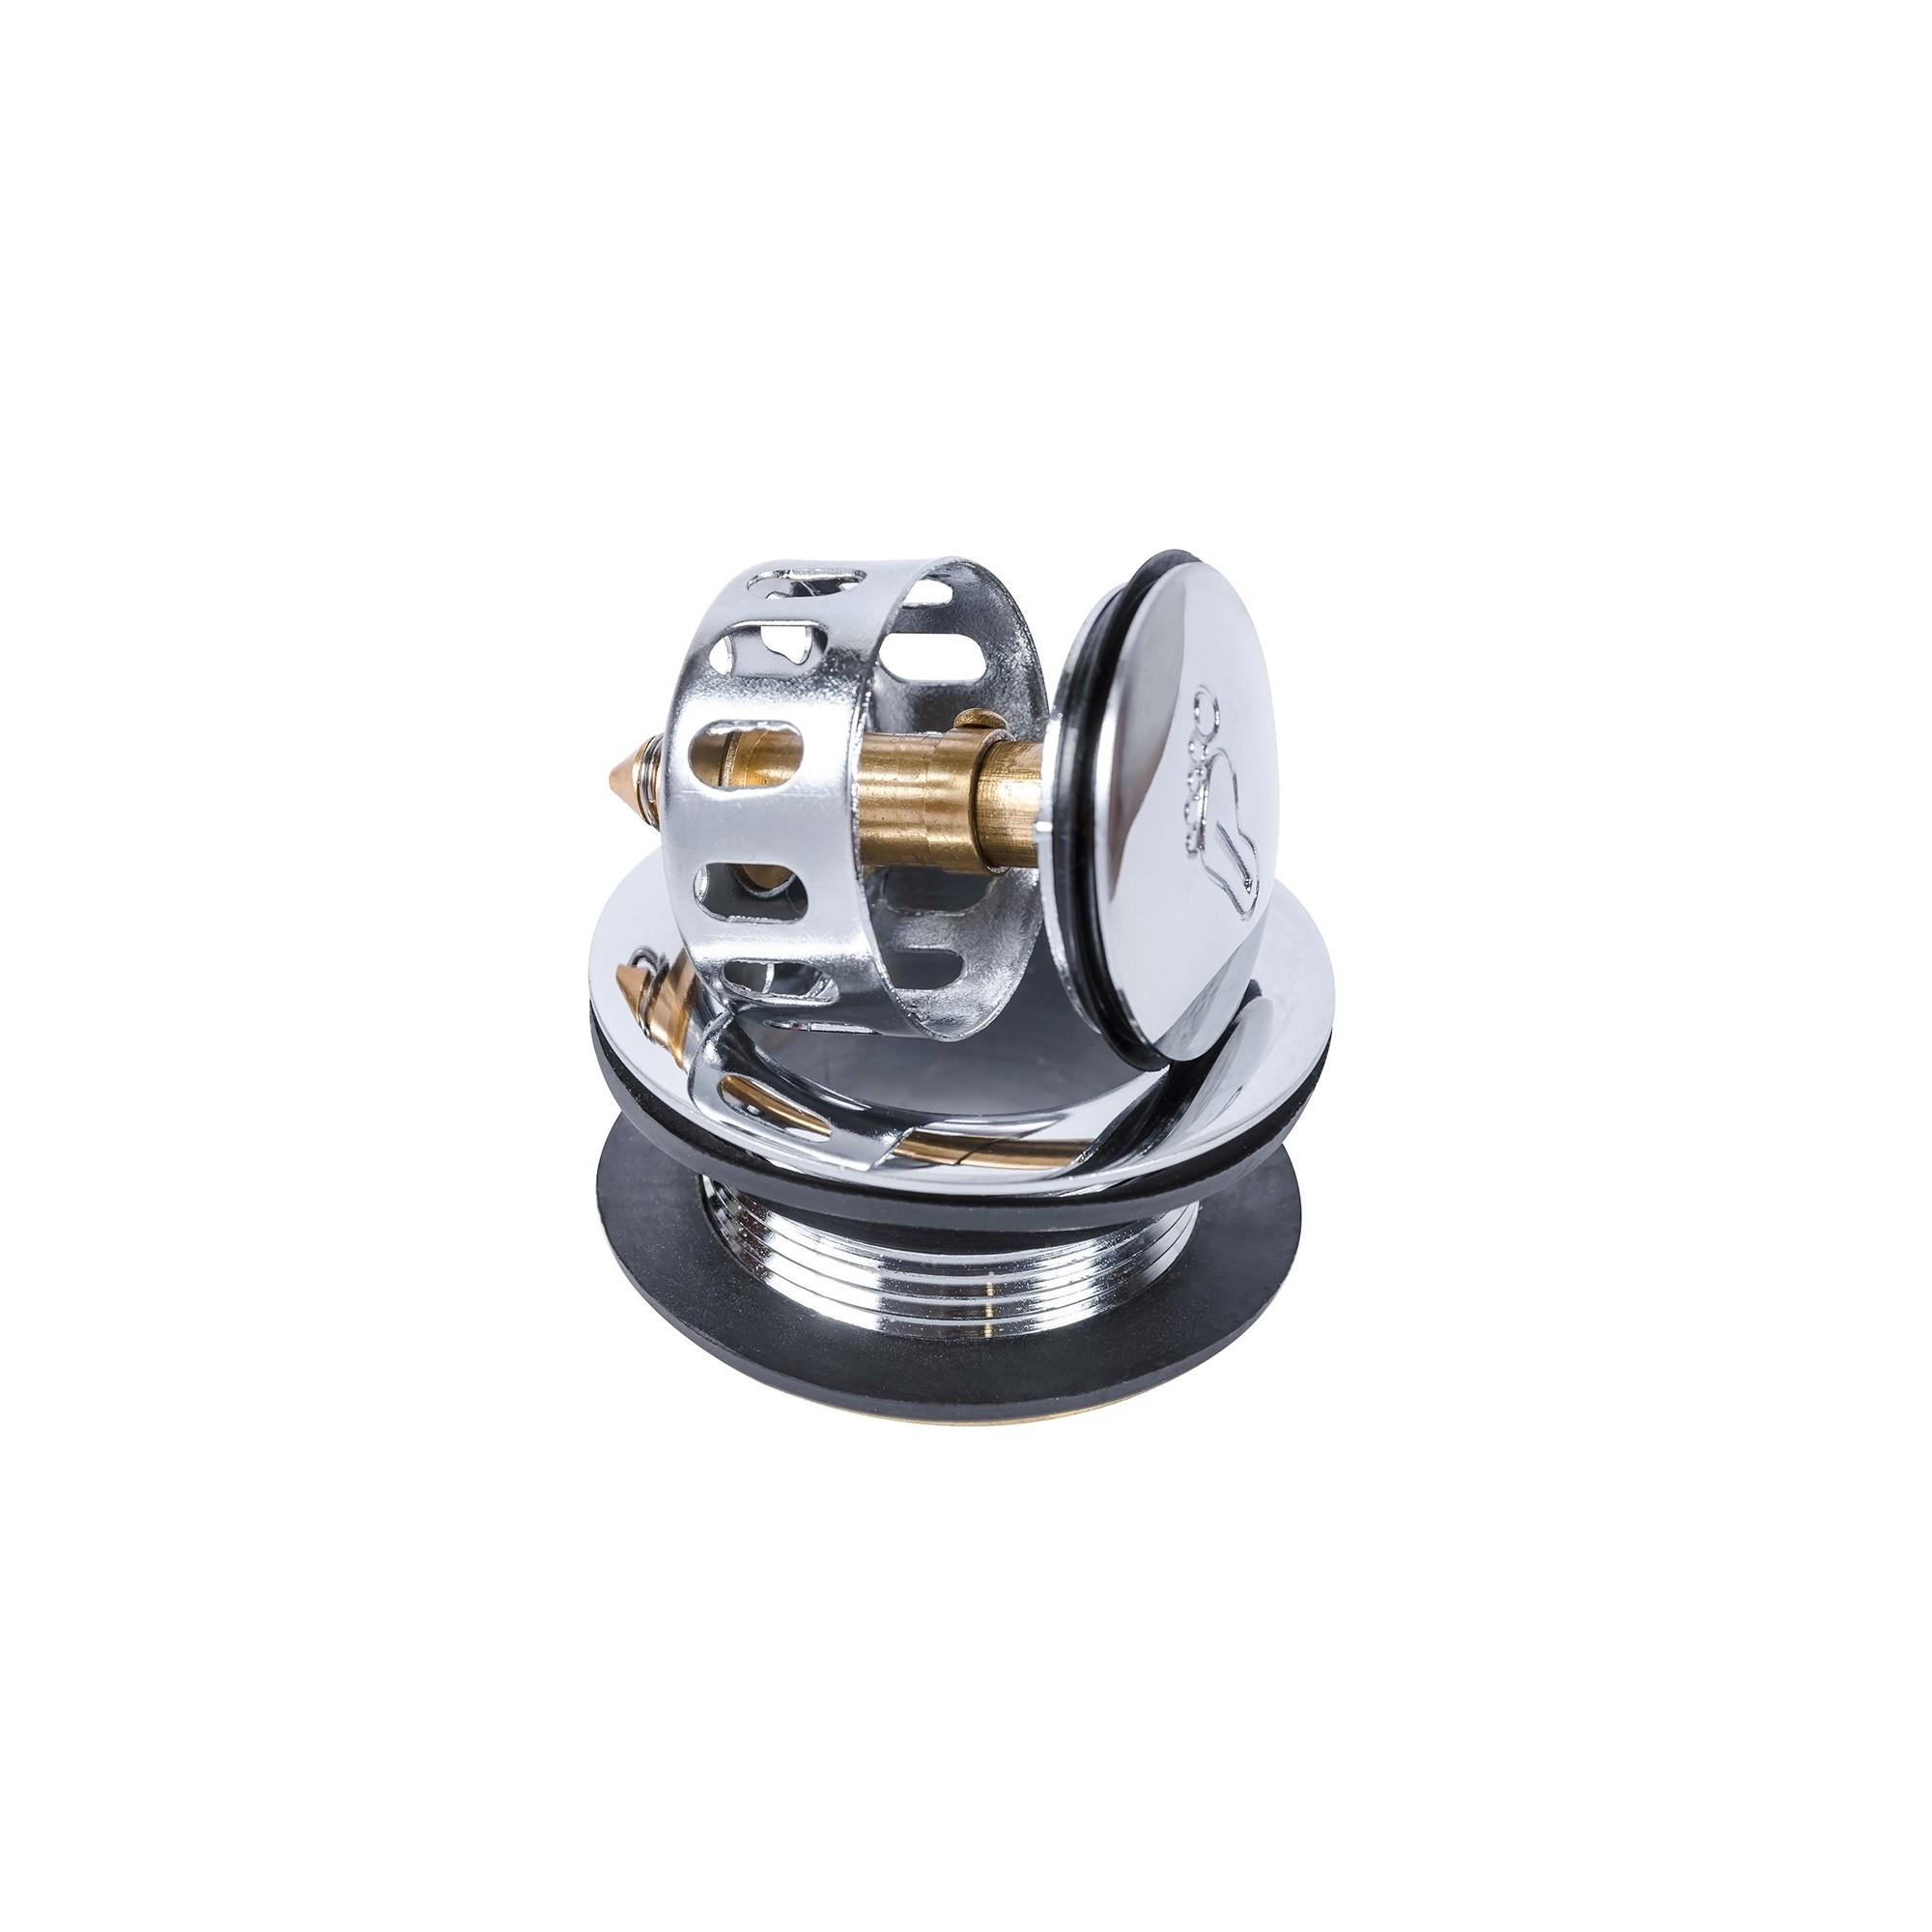 Донный клапан Пятка для душевой кабины с сеткой 40 мм J.G. - 1